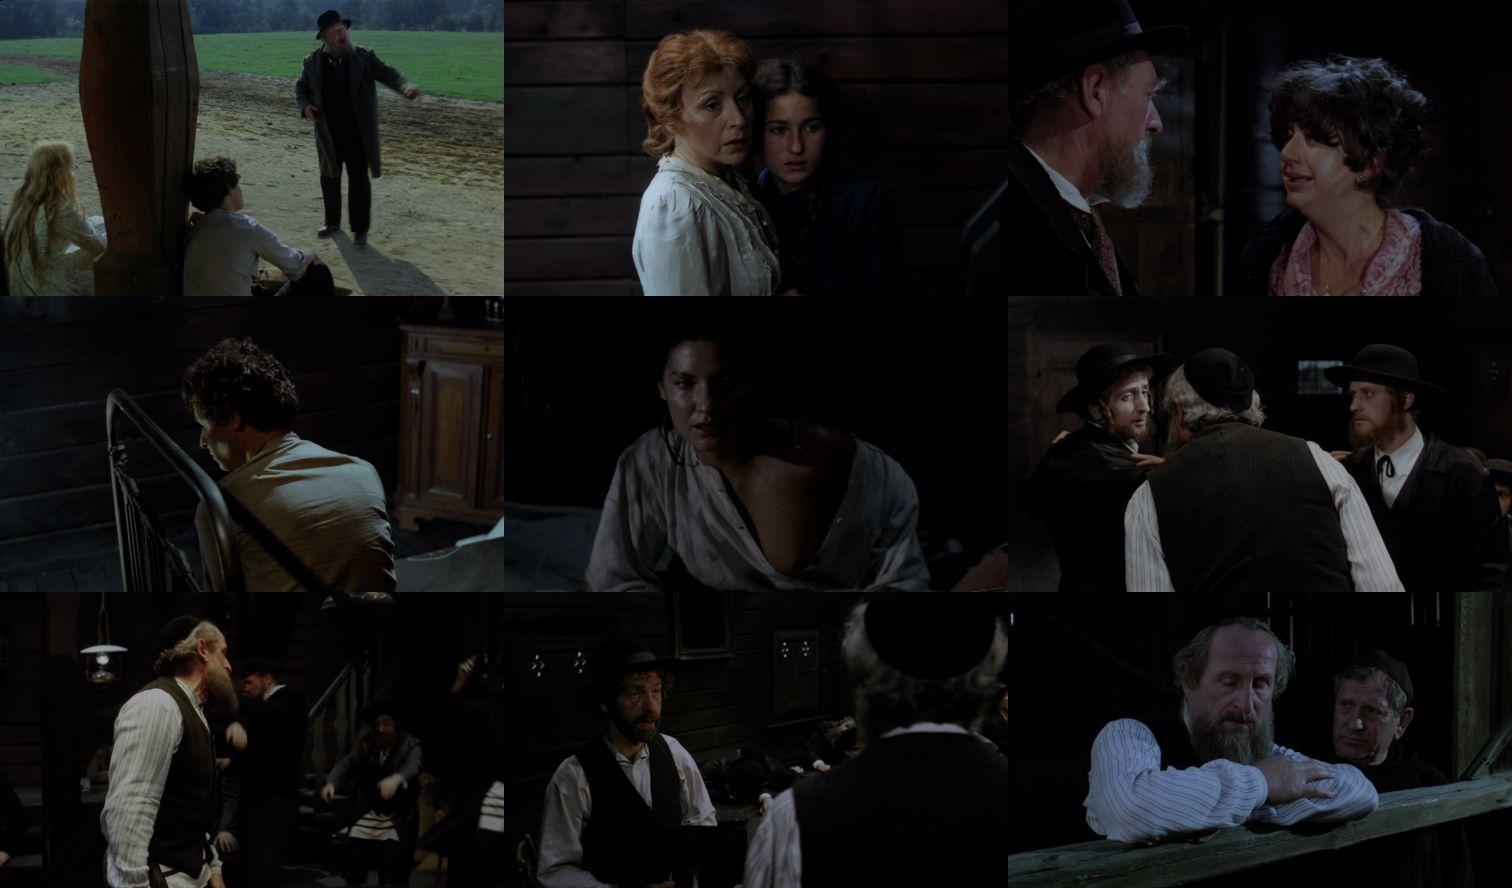 悠悠MP4_MP4电影下载_旅店 Austeria.1982.1080p.BluRay.x264-LCHD 7.95GB